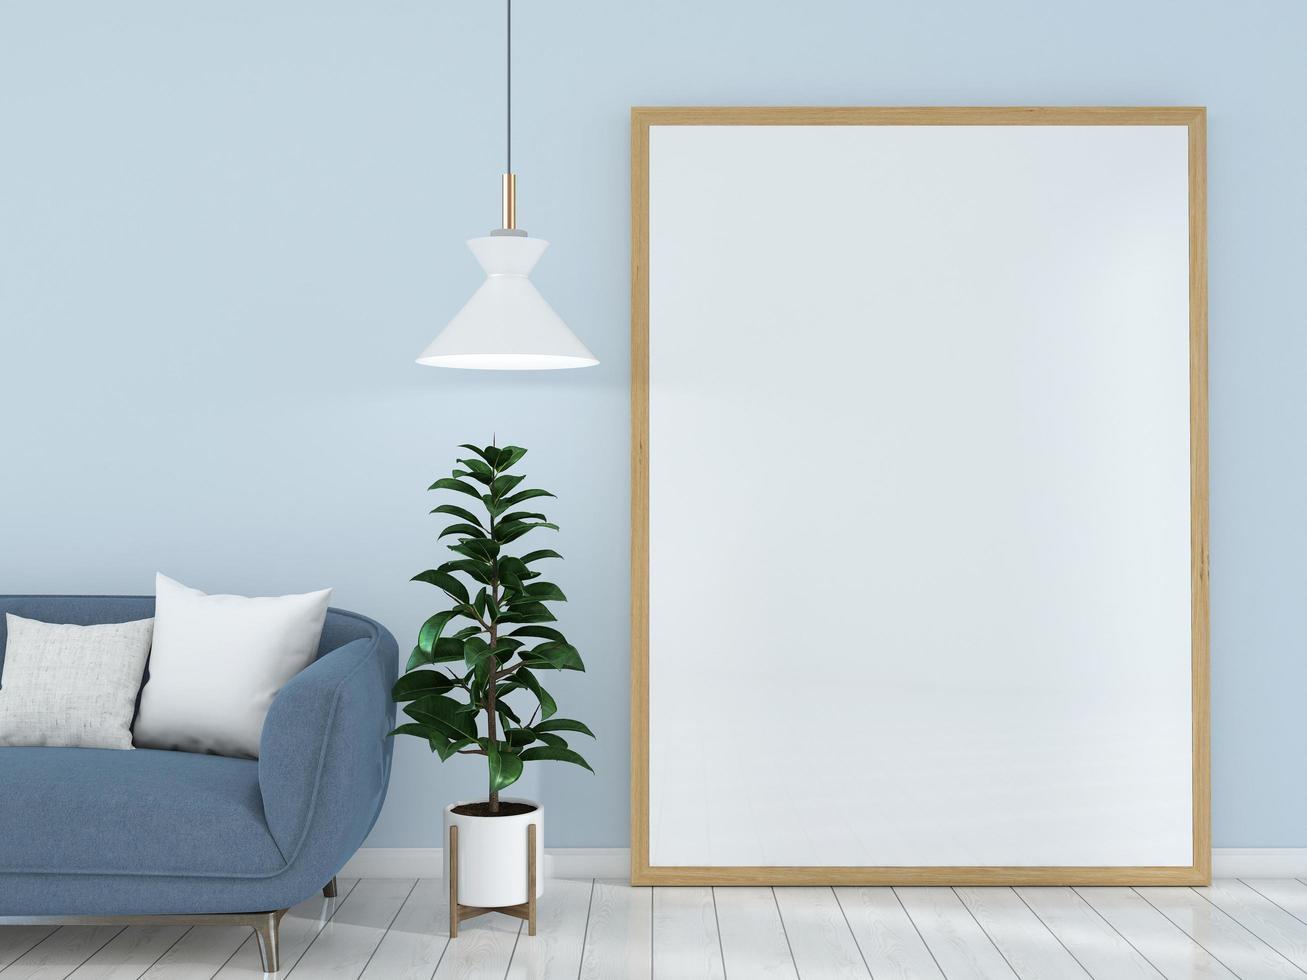 marco de imagen grande en la sala de estar azul foto